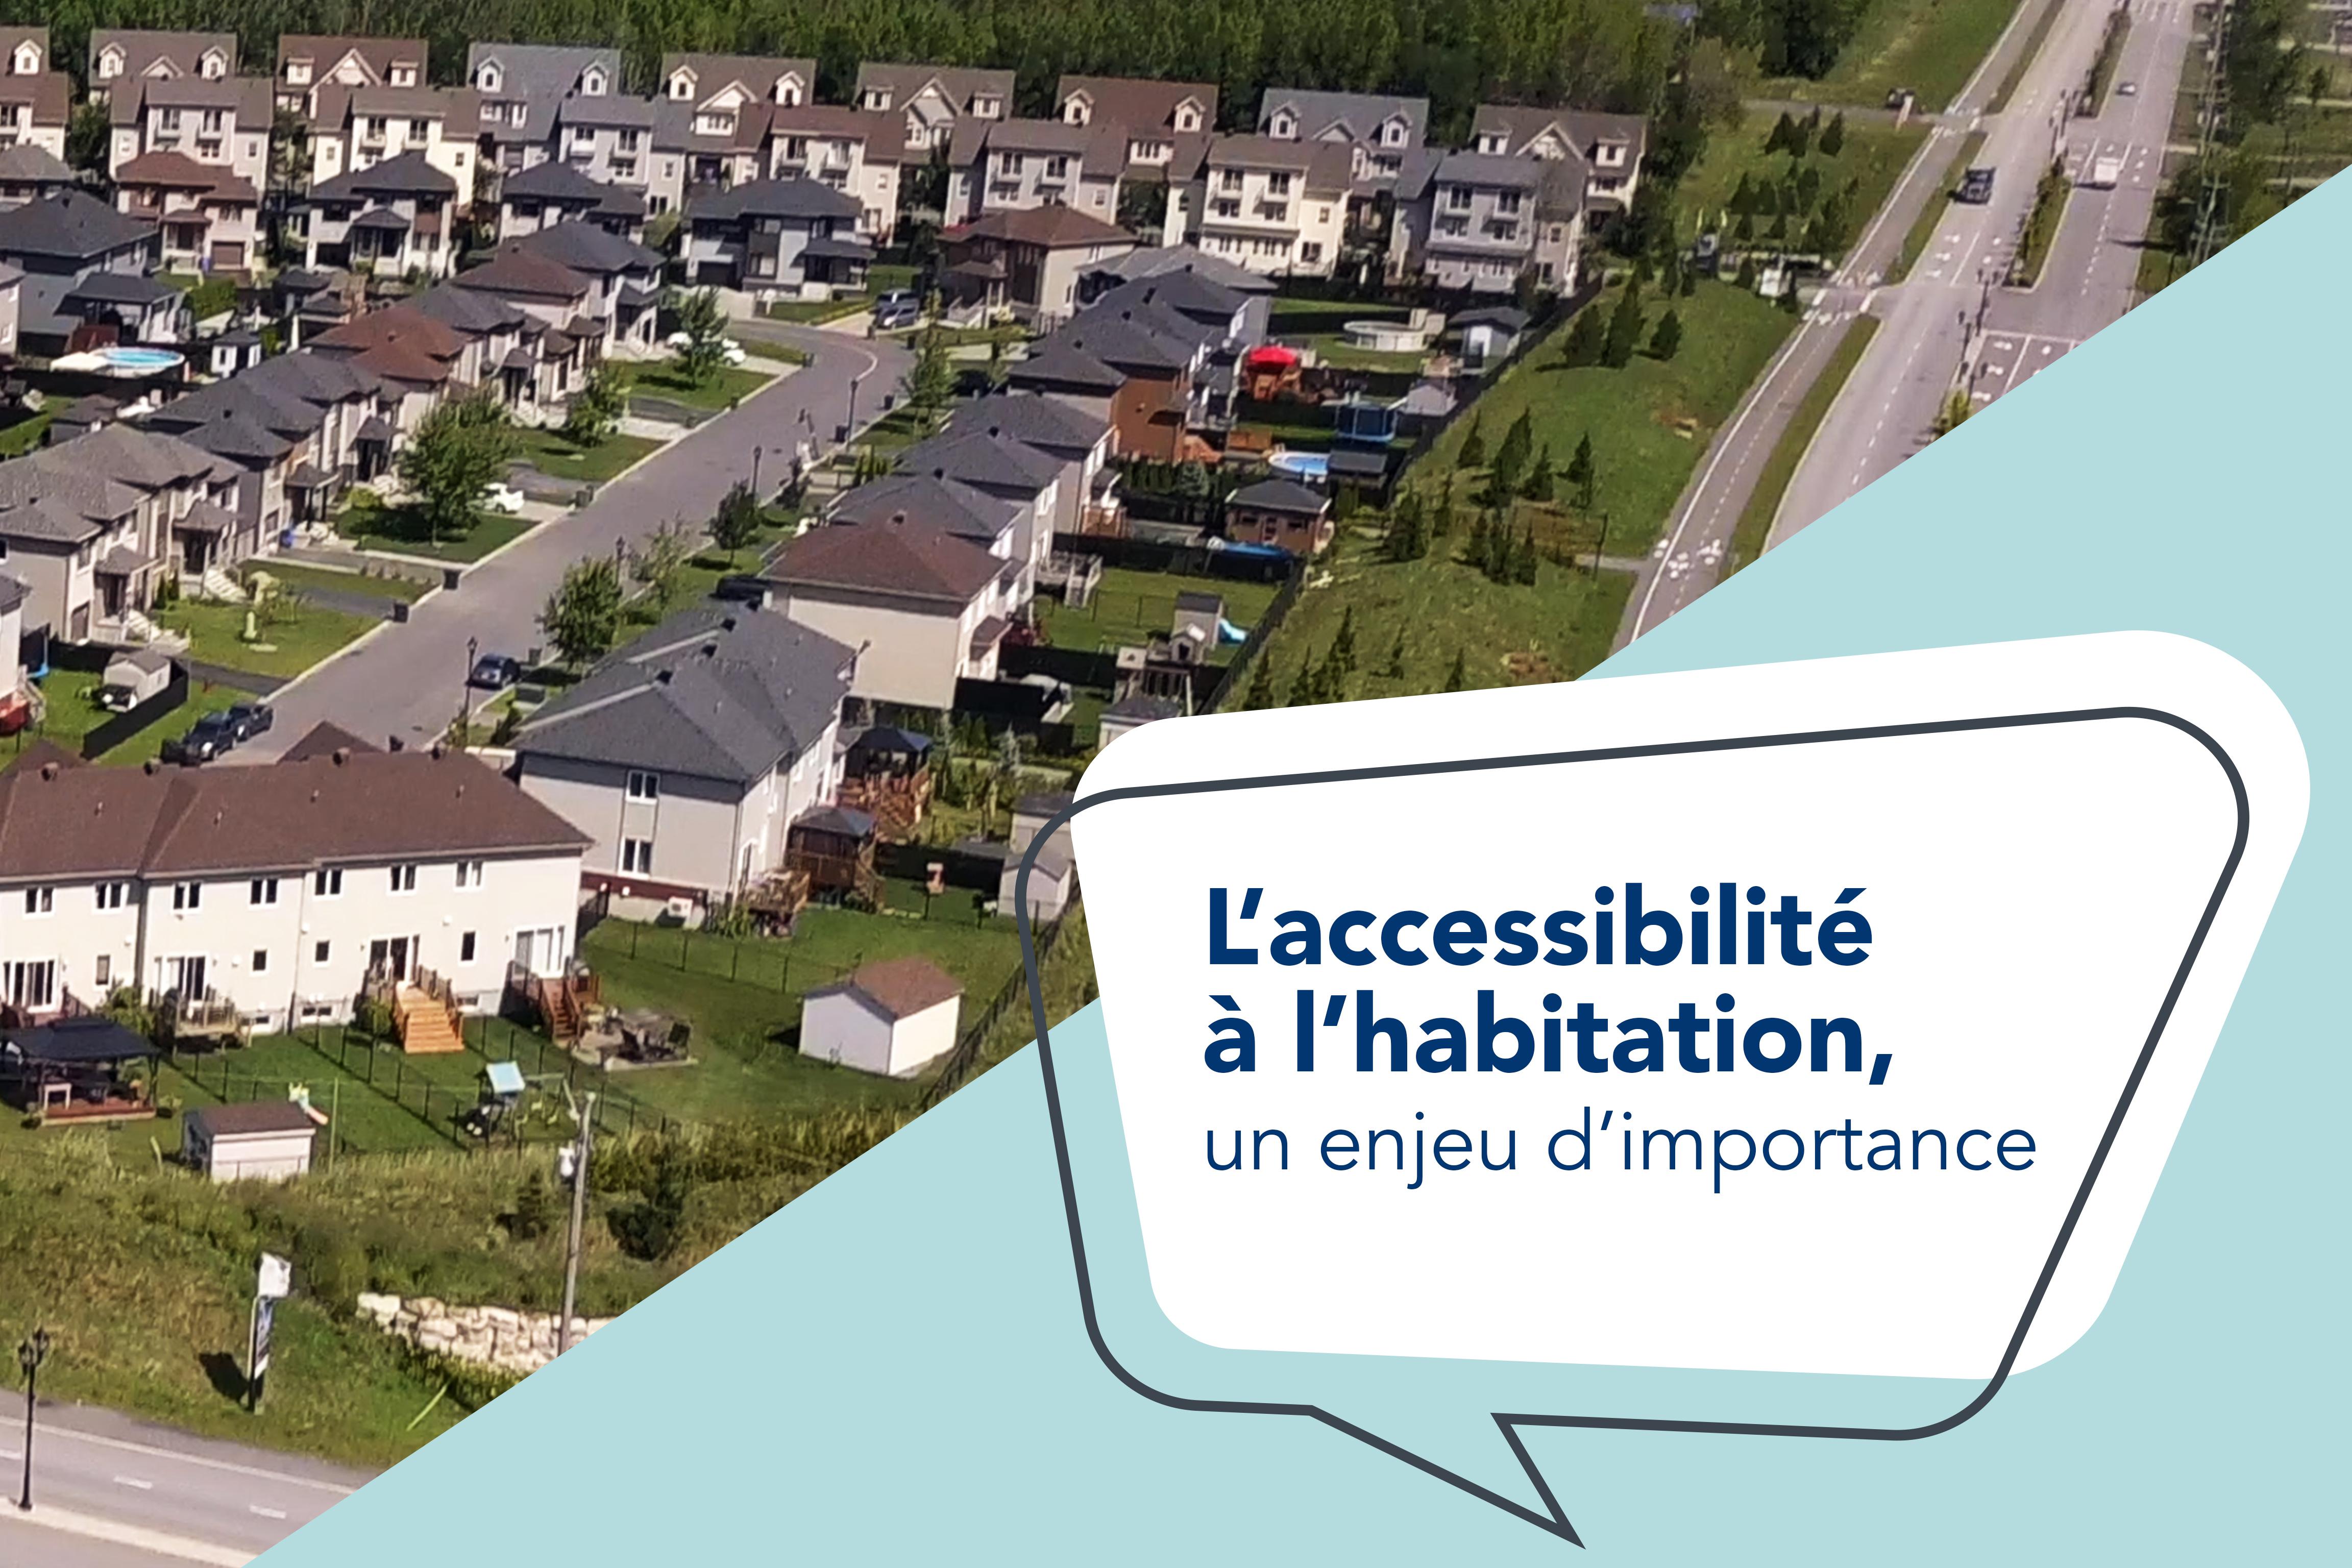 L'accessibilité à l'habitation, un enjeu d'importance